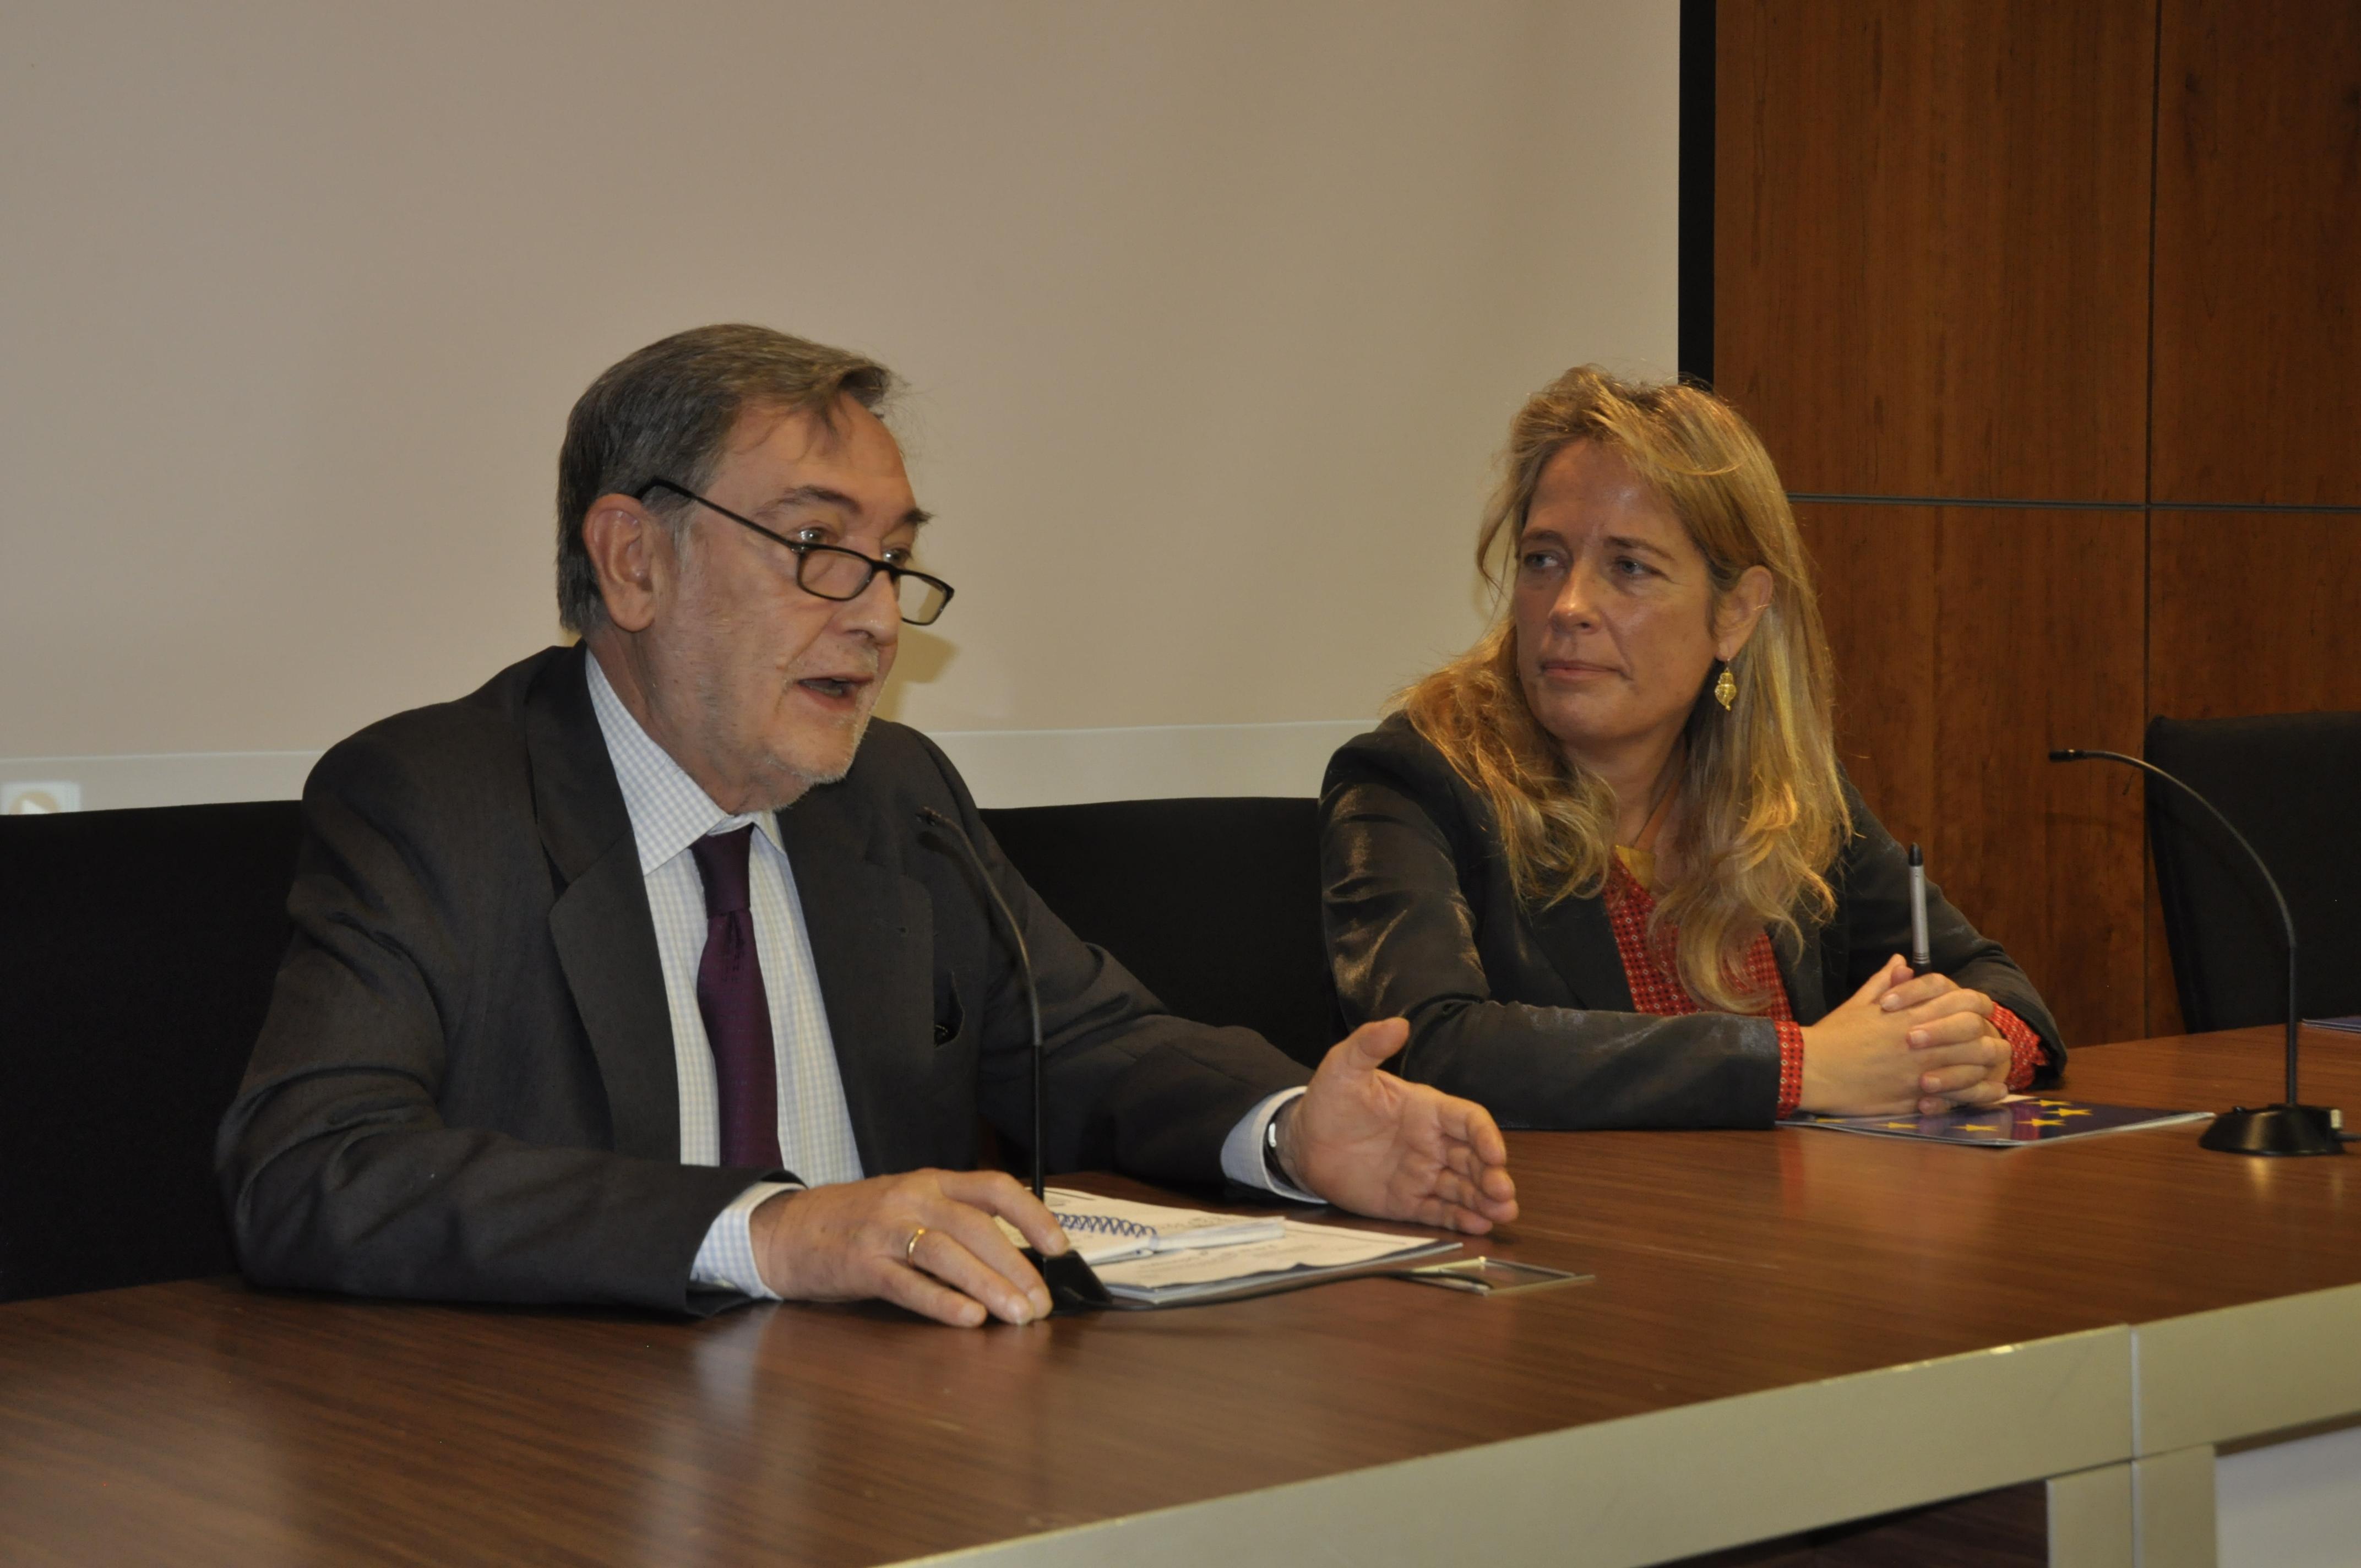 La decana de la Facultad de Ciencias Sociales y de Comunicación, Rocío Albert junto a Eugenio Nasarre